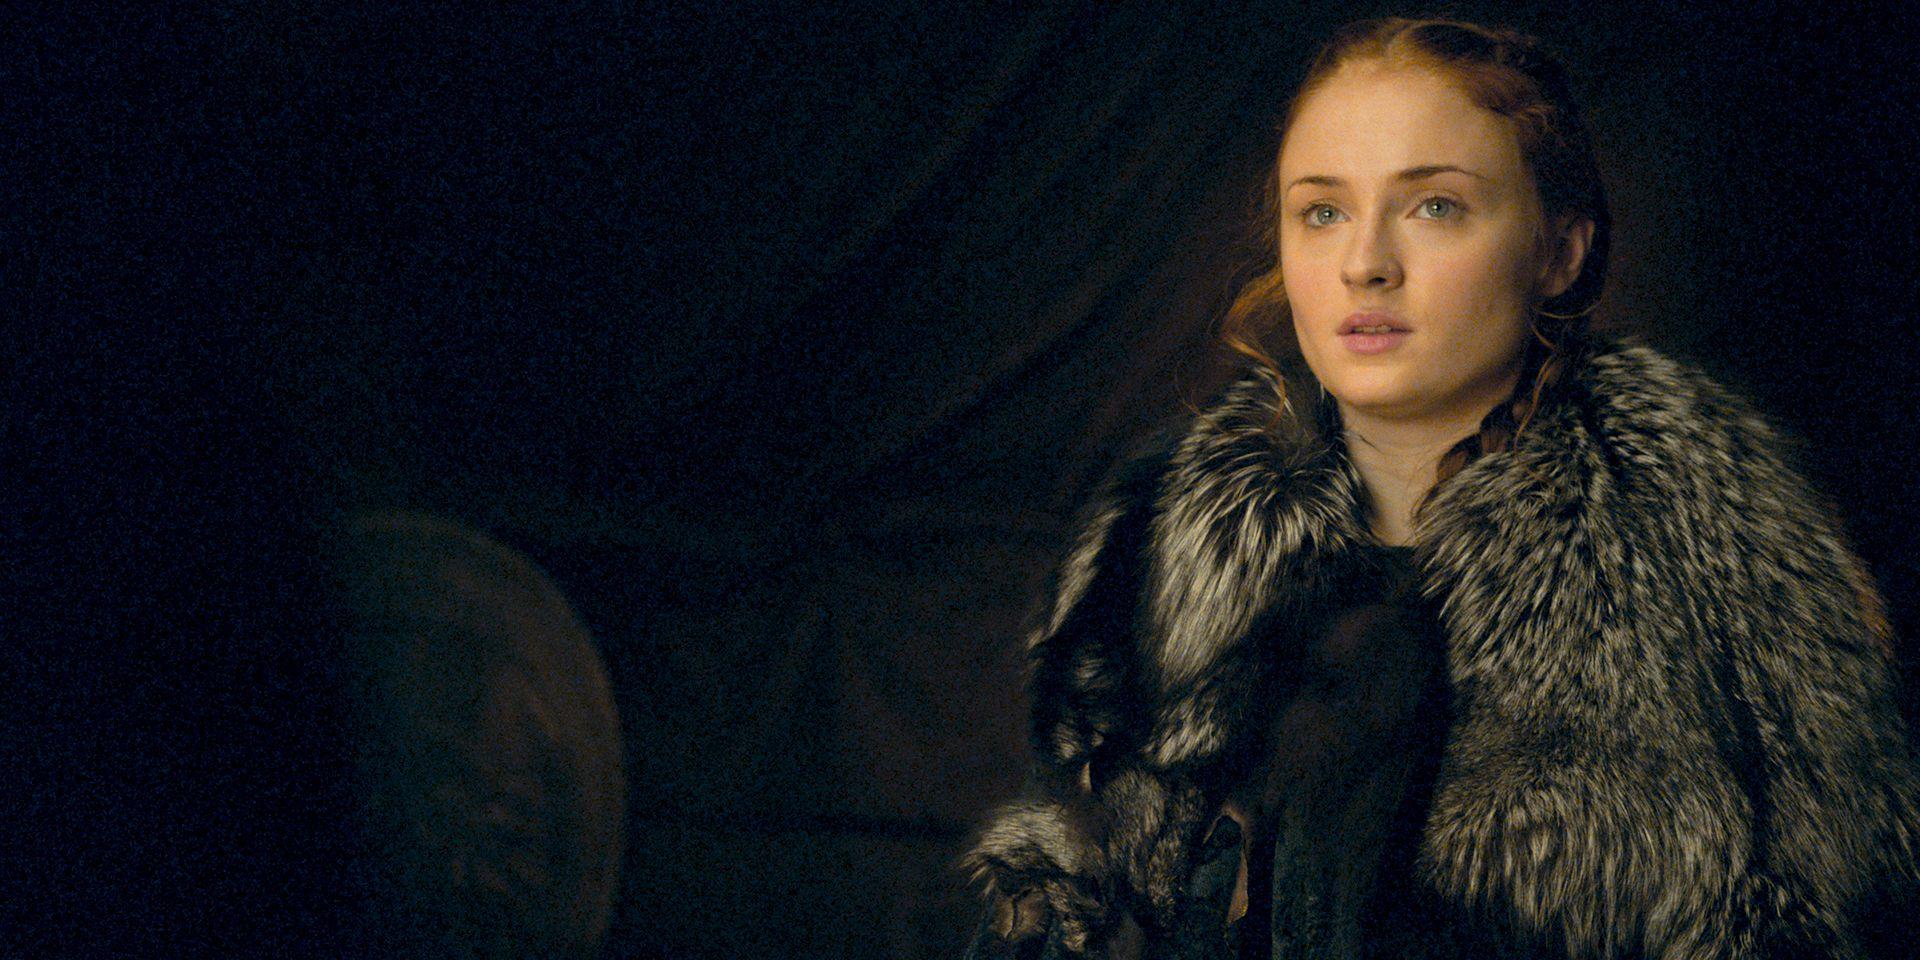 Sansa Stark in Game of Thrones s06e09, 'Battle of the Bastards'